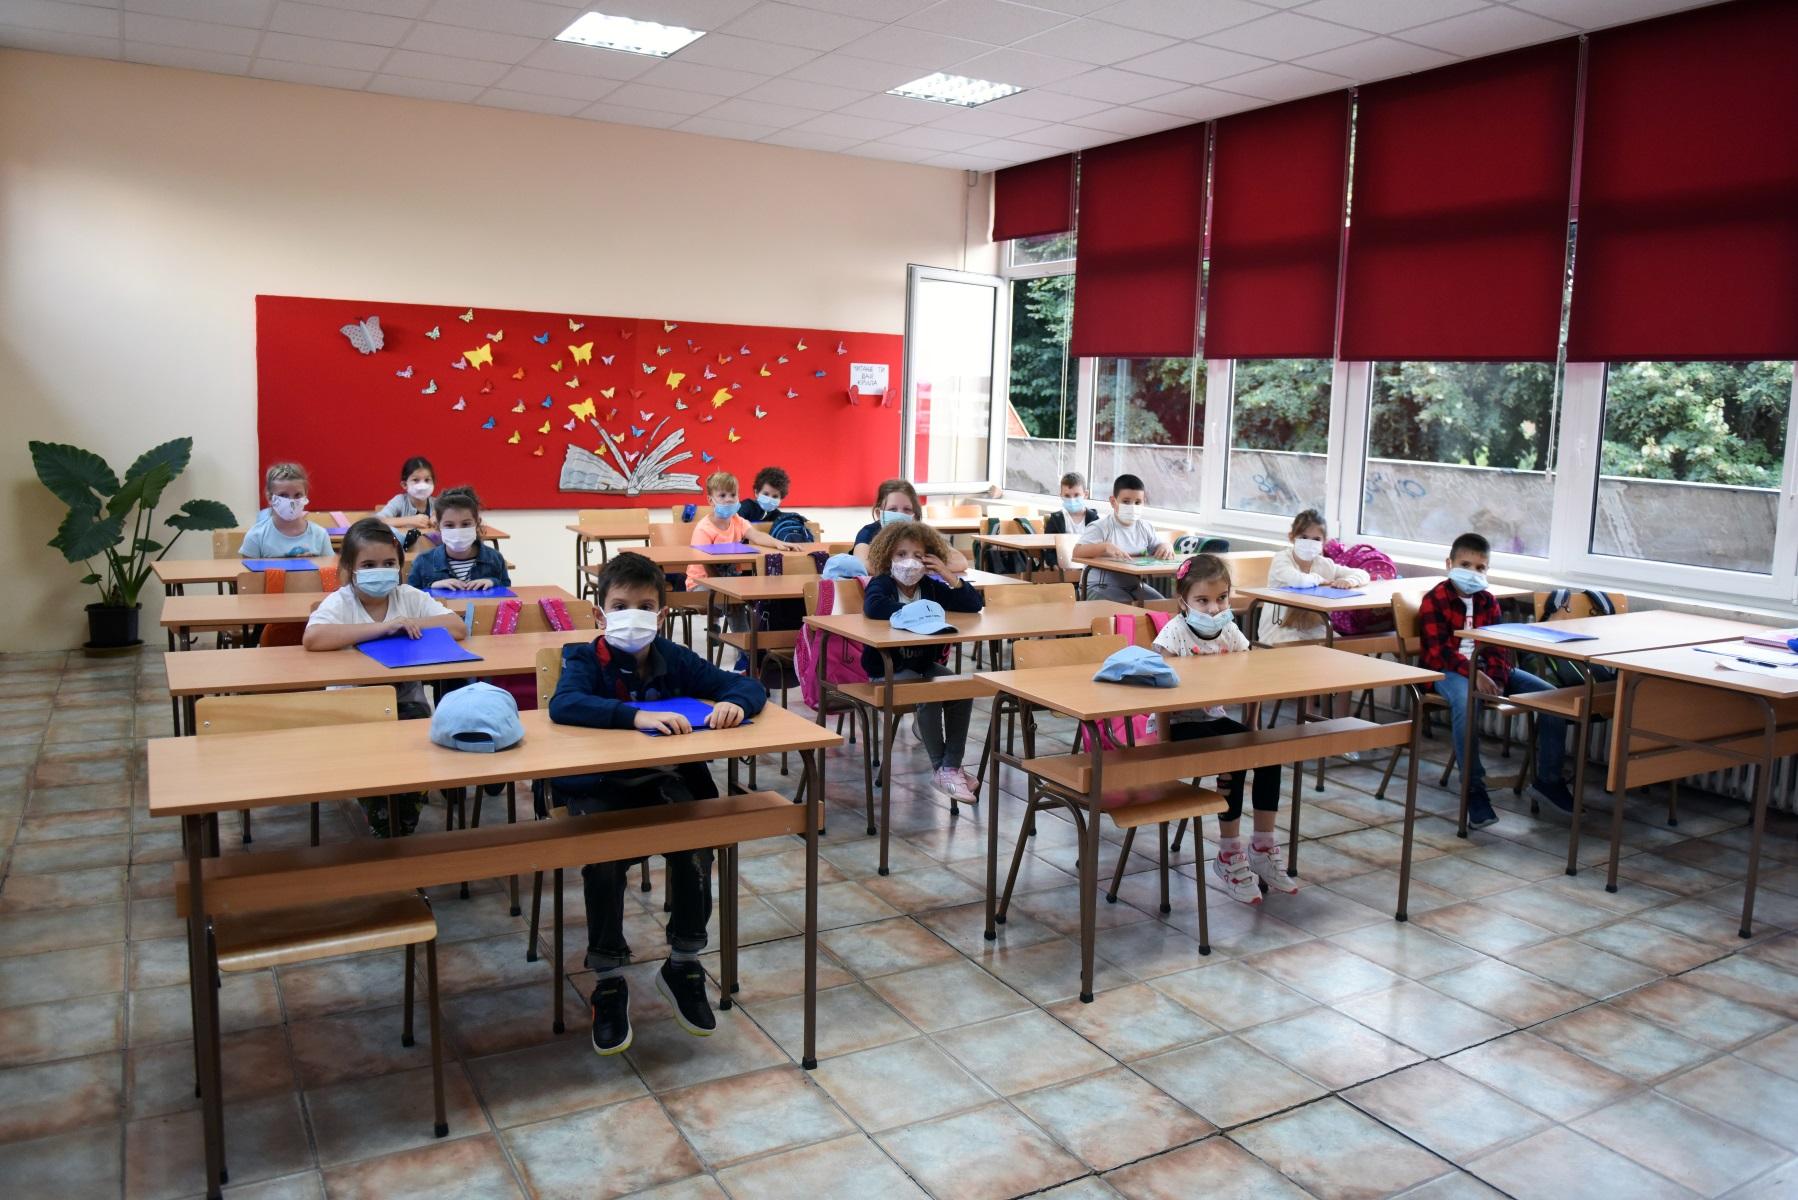 Πόσο συμβάλλουν στην εξάπλωση του κορονοϊού τα σχολεία; Τι «δείχνουν» έρευνες